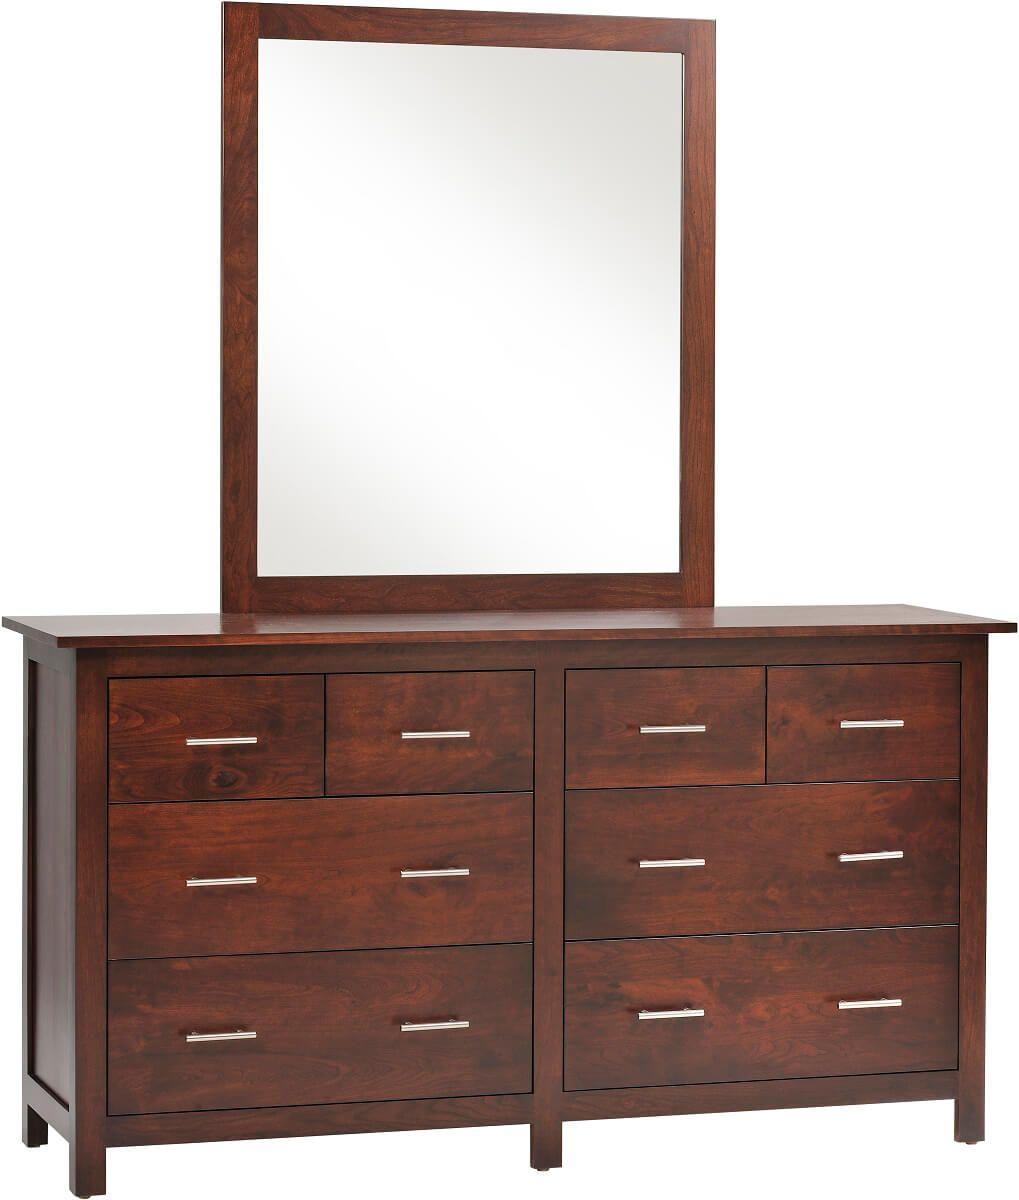 Austin Dresser with Mirror